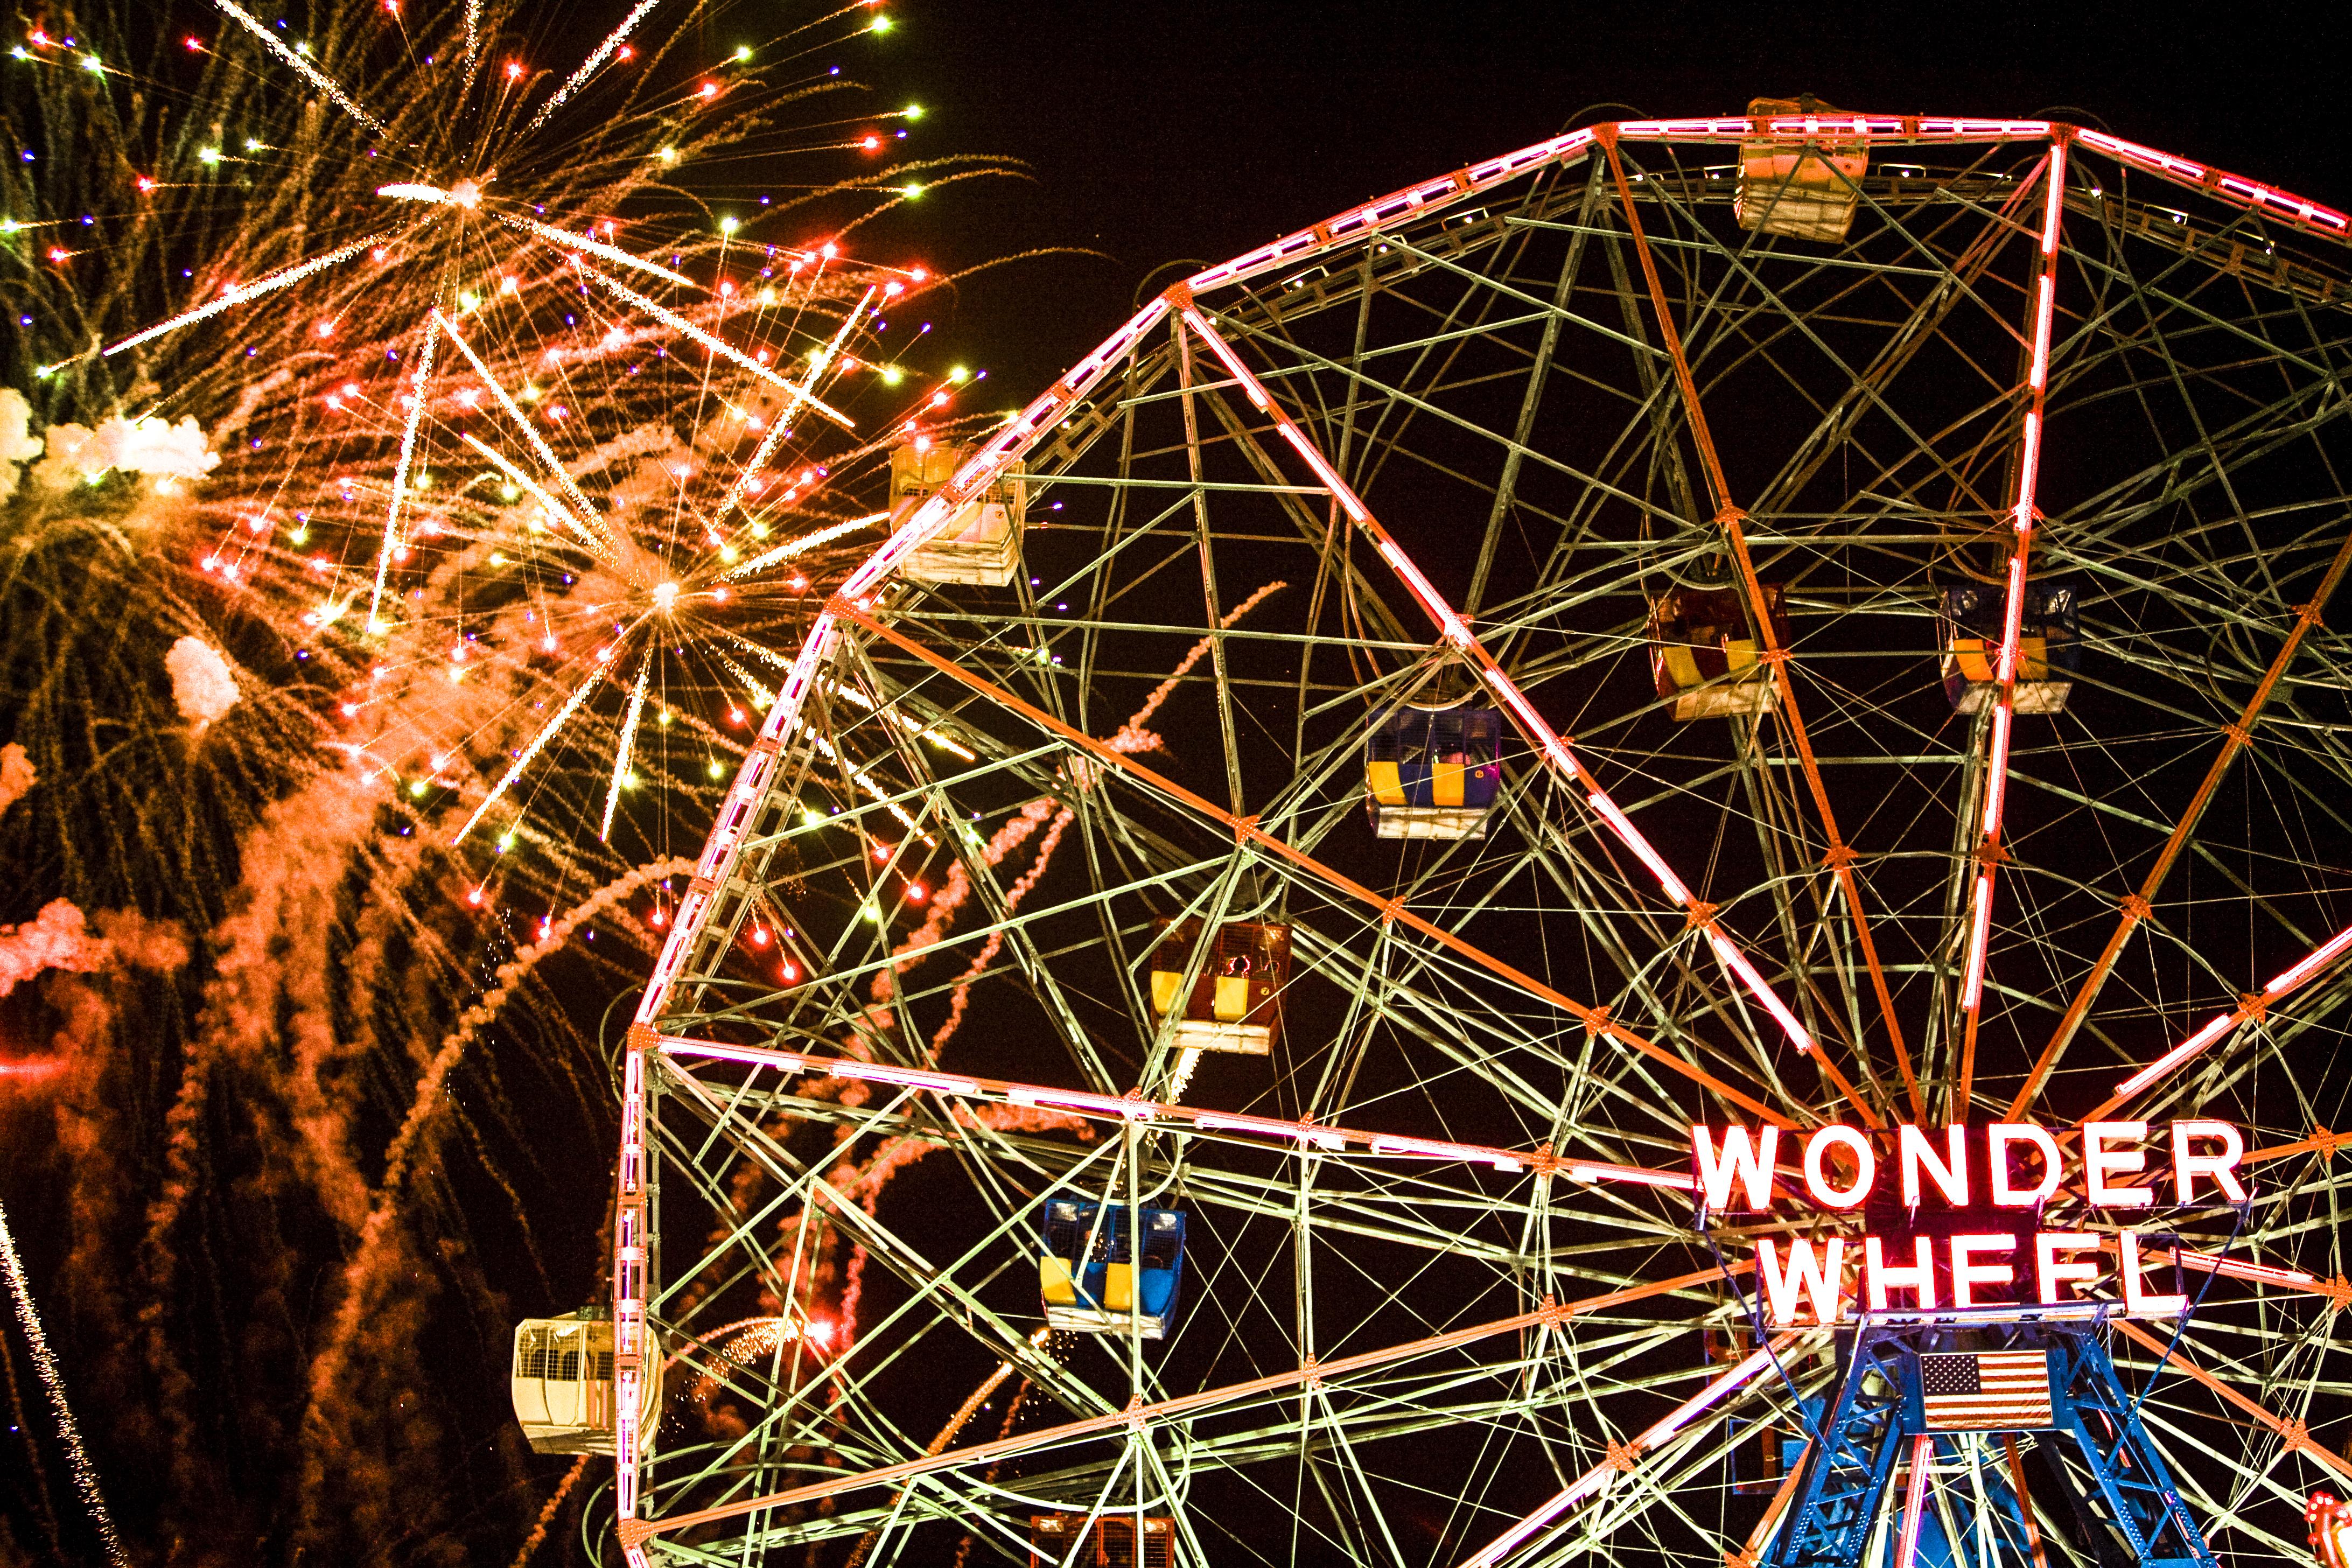 Wonder Wheel 'Works